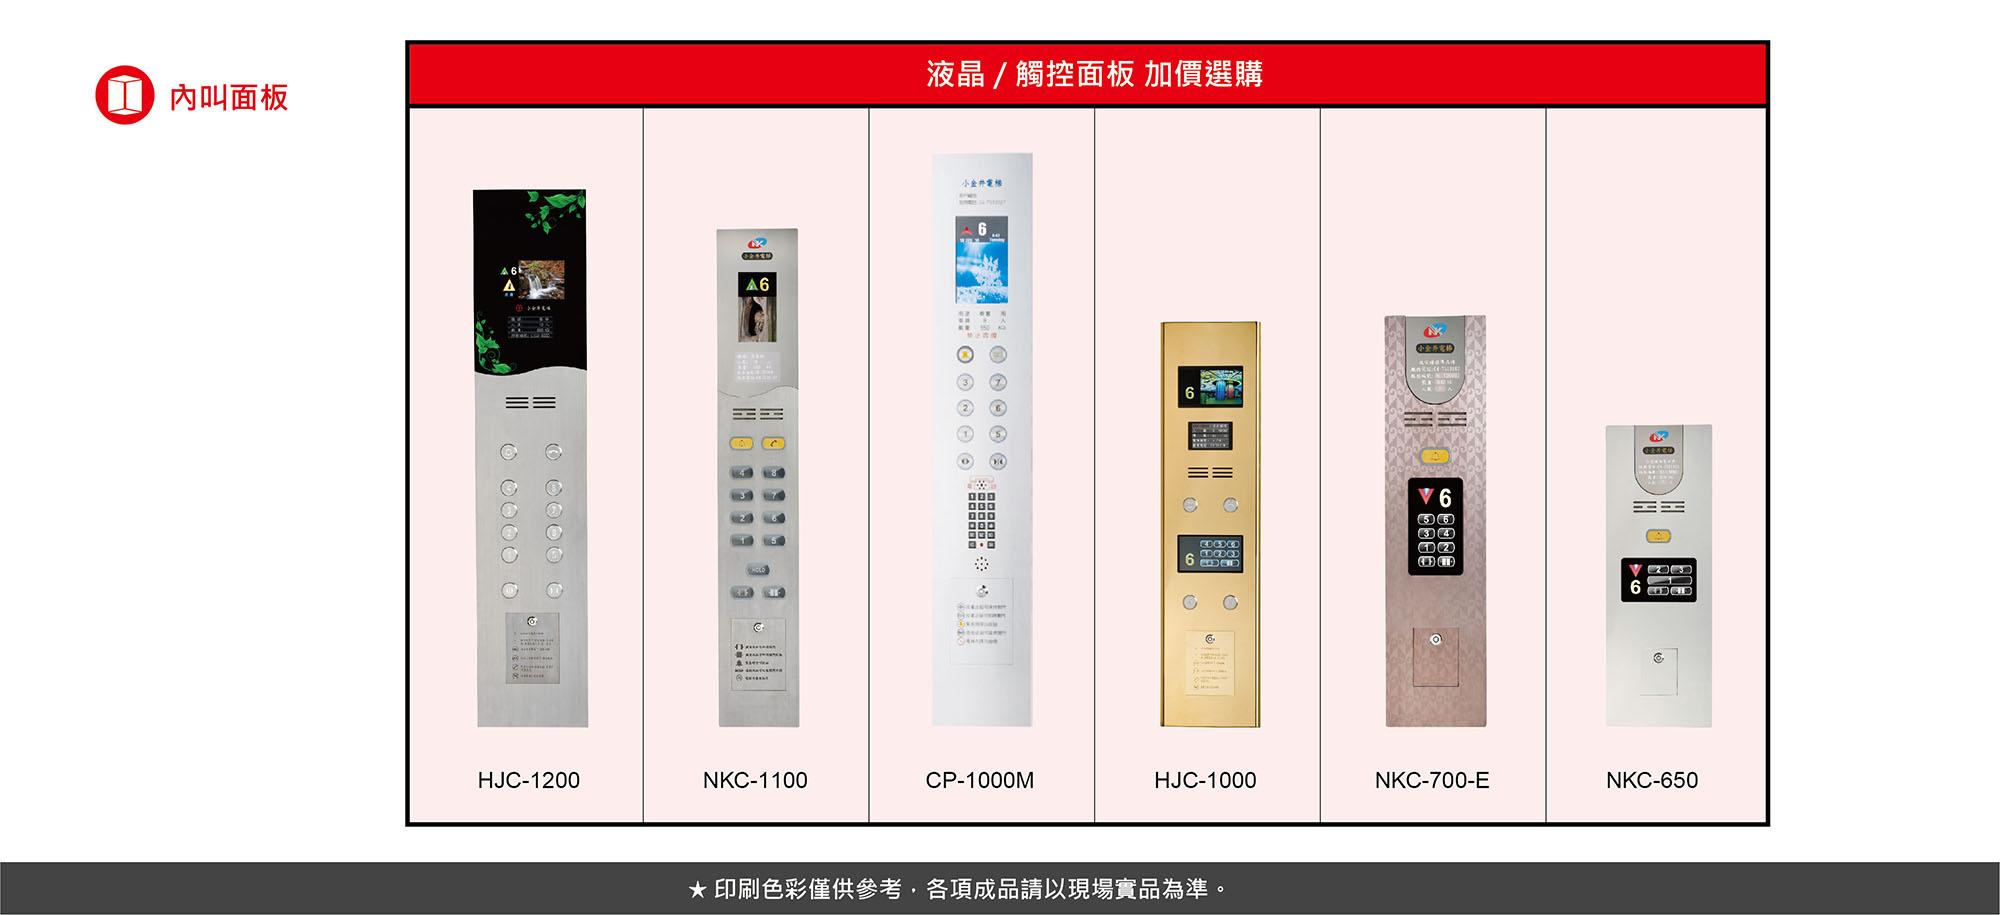 內叫面板 - 液晶/觸控面板 加價選購